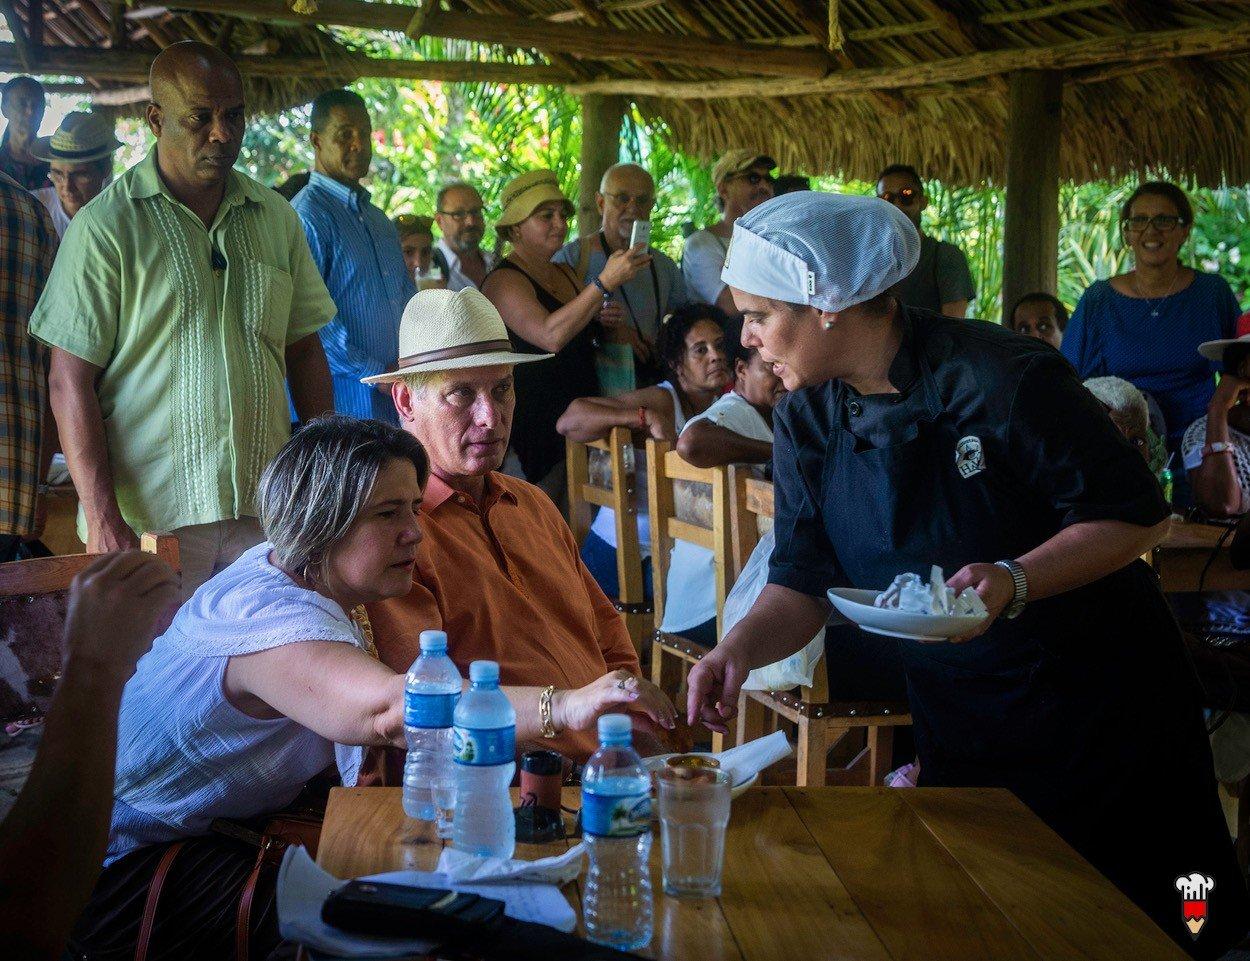 El presidente cubano Miguel Díaz-Canel y su esposa Lis Cuesta en una degustación culinaria en el Mercado de la Tierra realizado en la finca privada Vista Hermosa, en la periferia de La Habana, el 29 de septiembre de 2019. Foto: Cubapaladar.